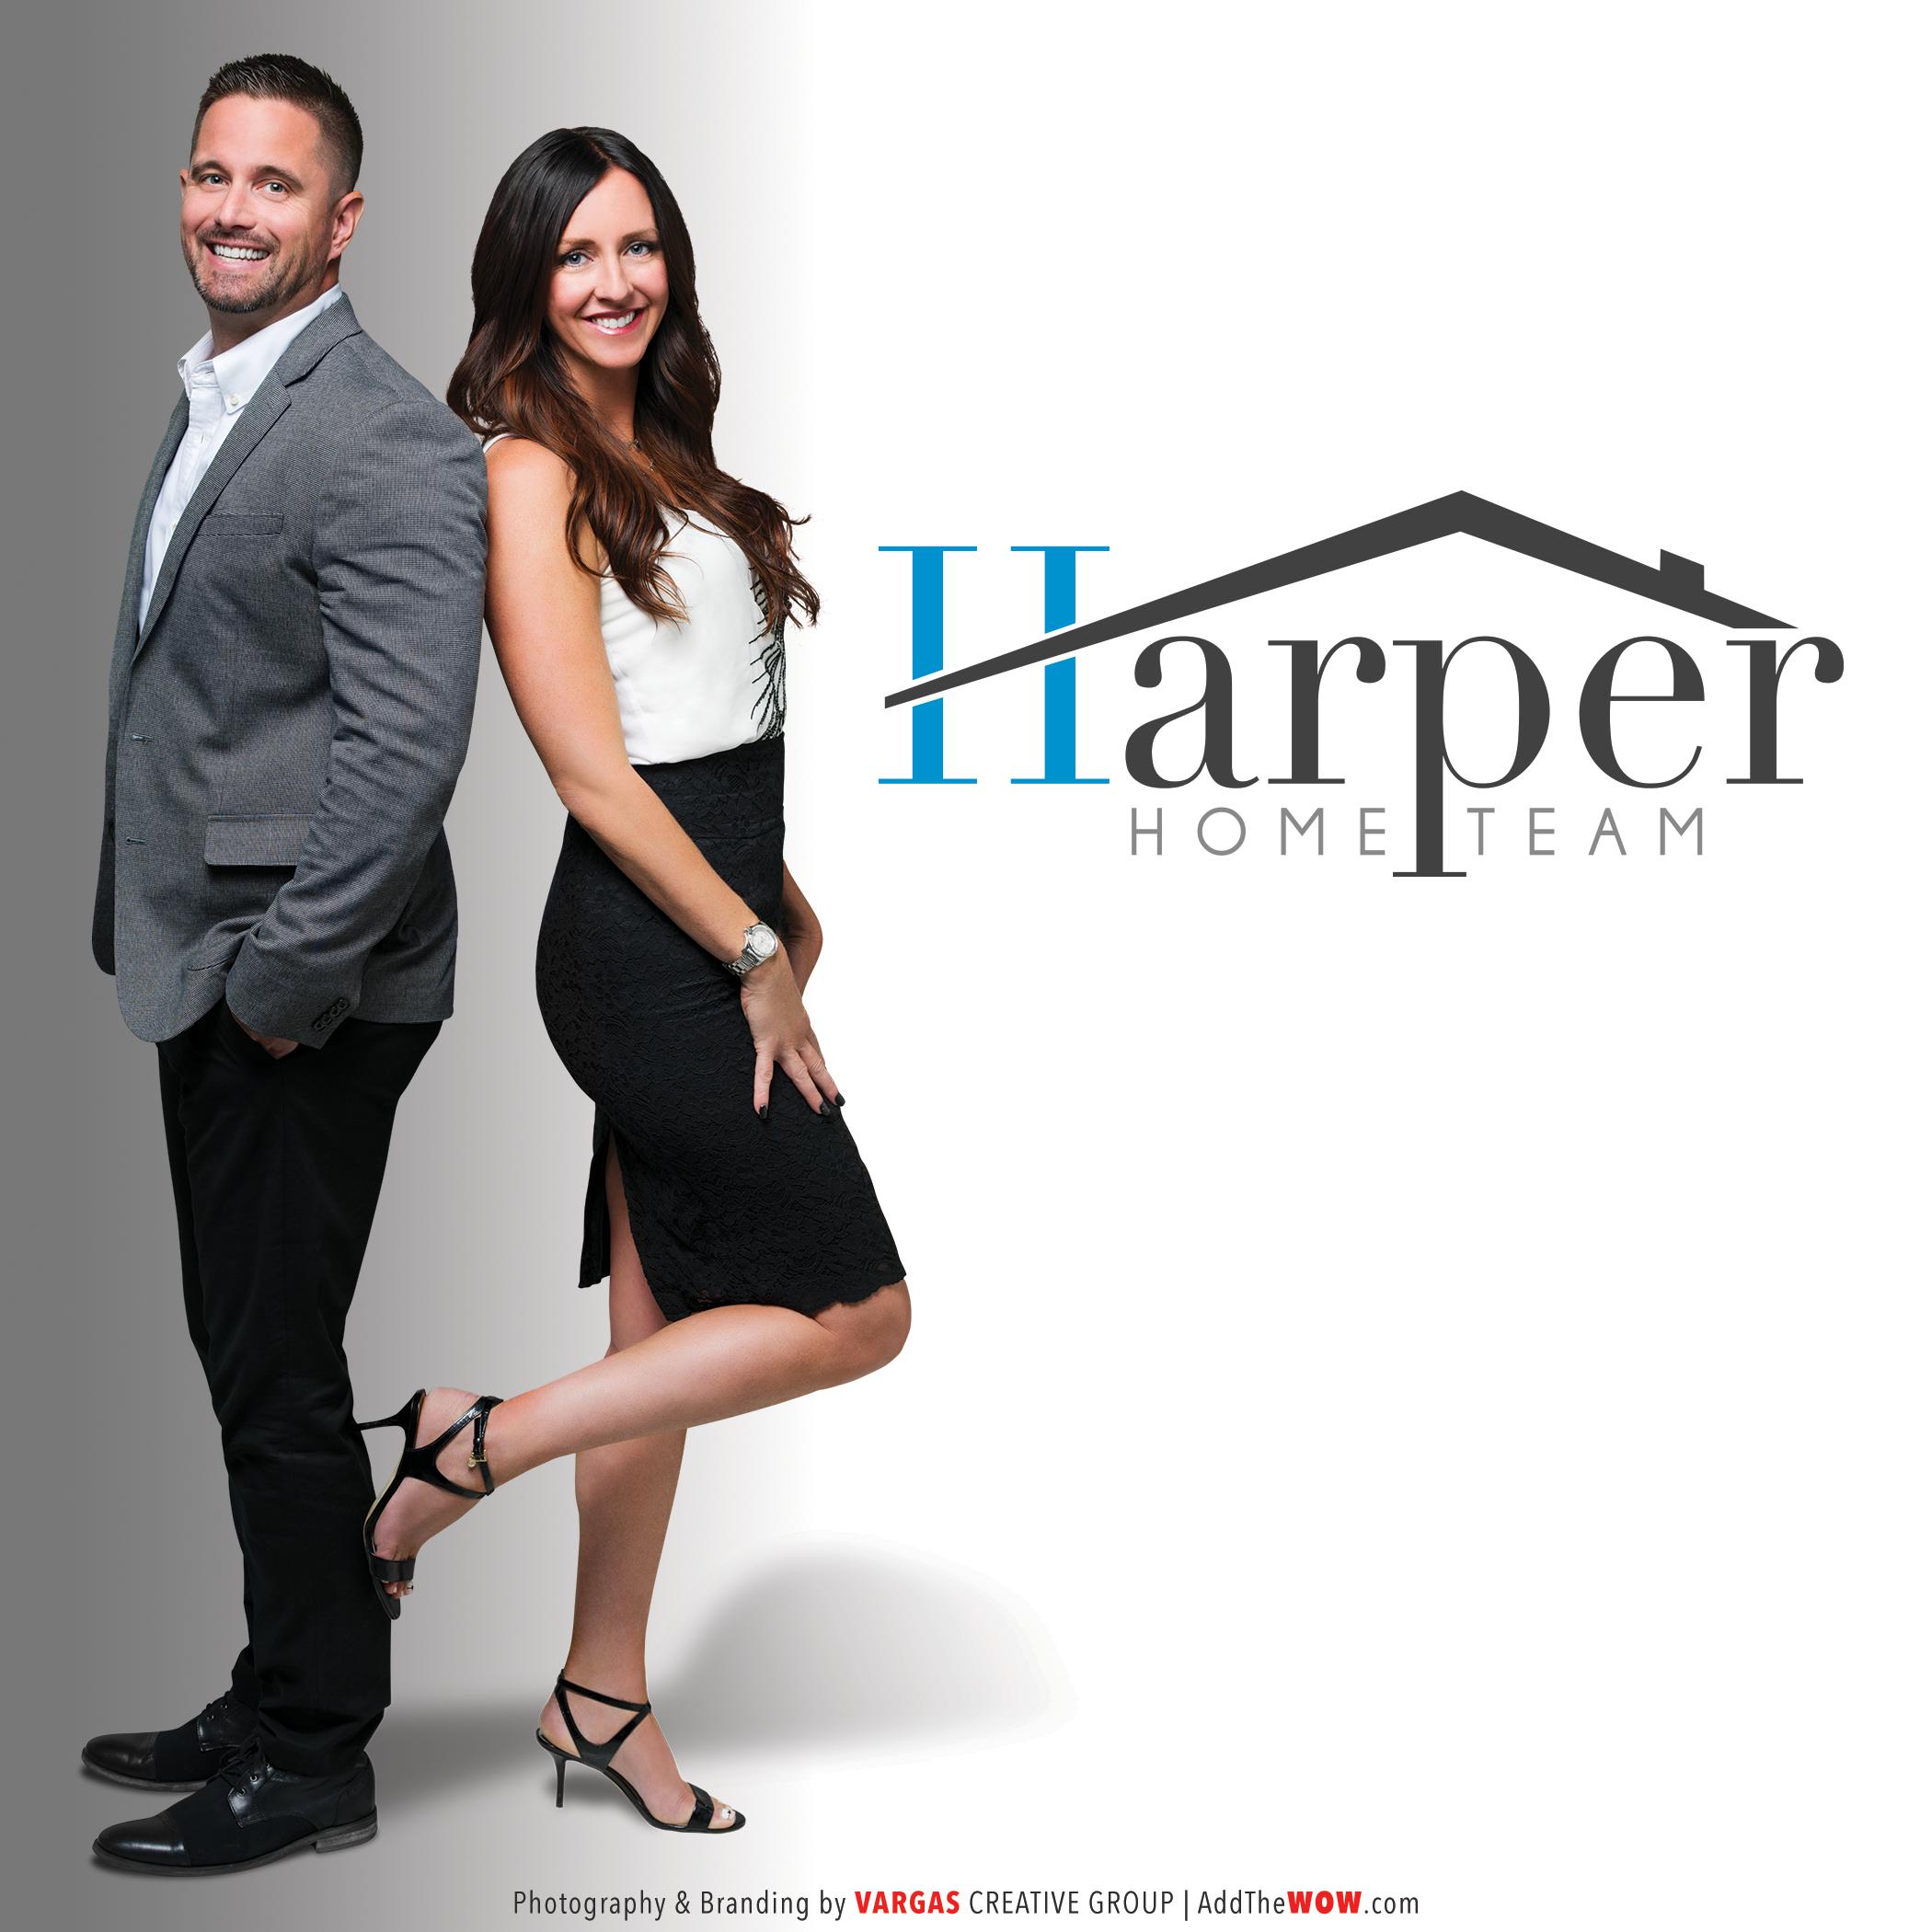 Jason-Harper-Home-Team-Realtor-Headshot-Branding.png